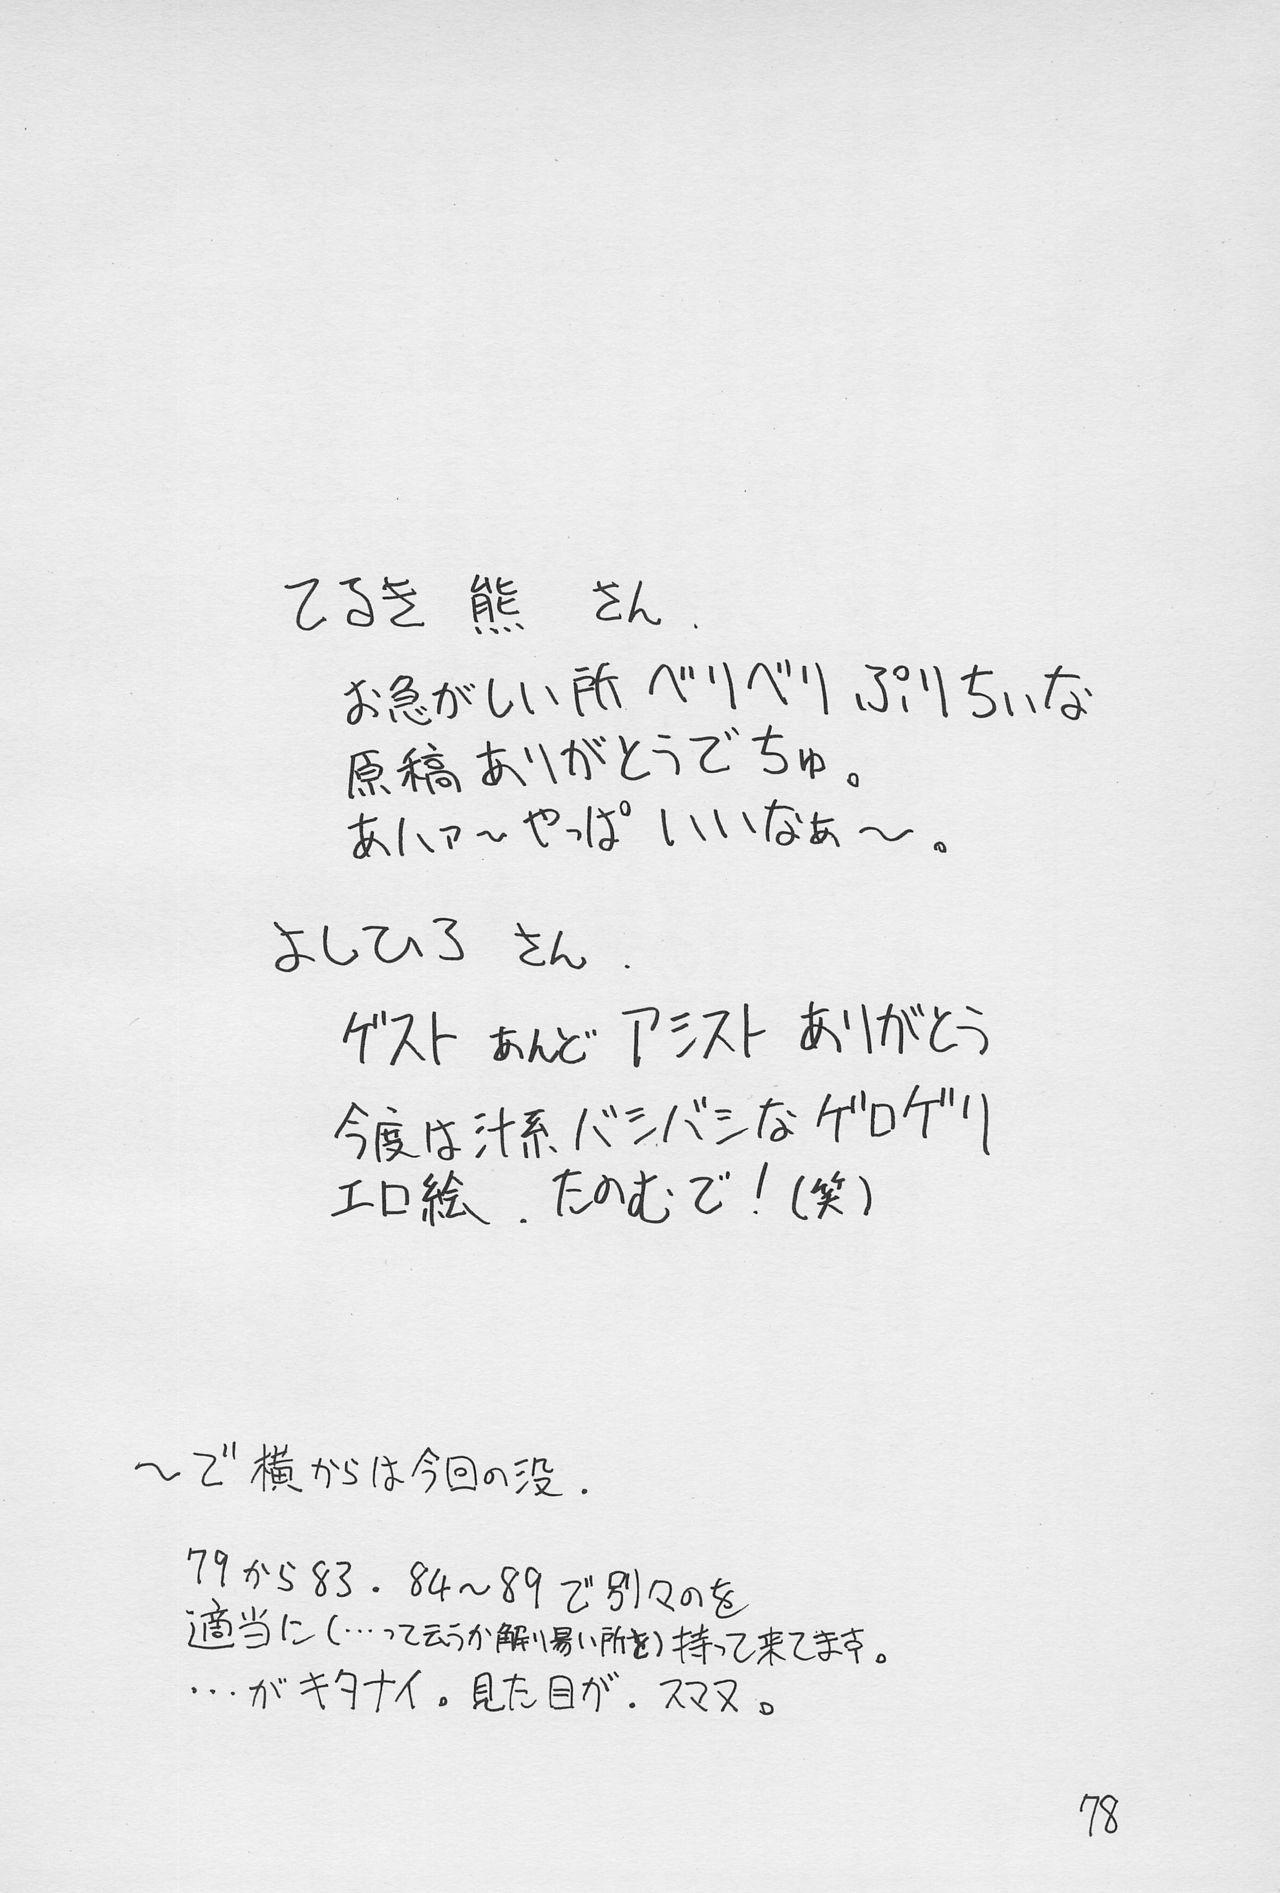 Yuu 2 77